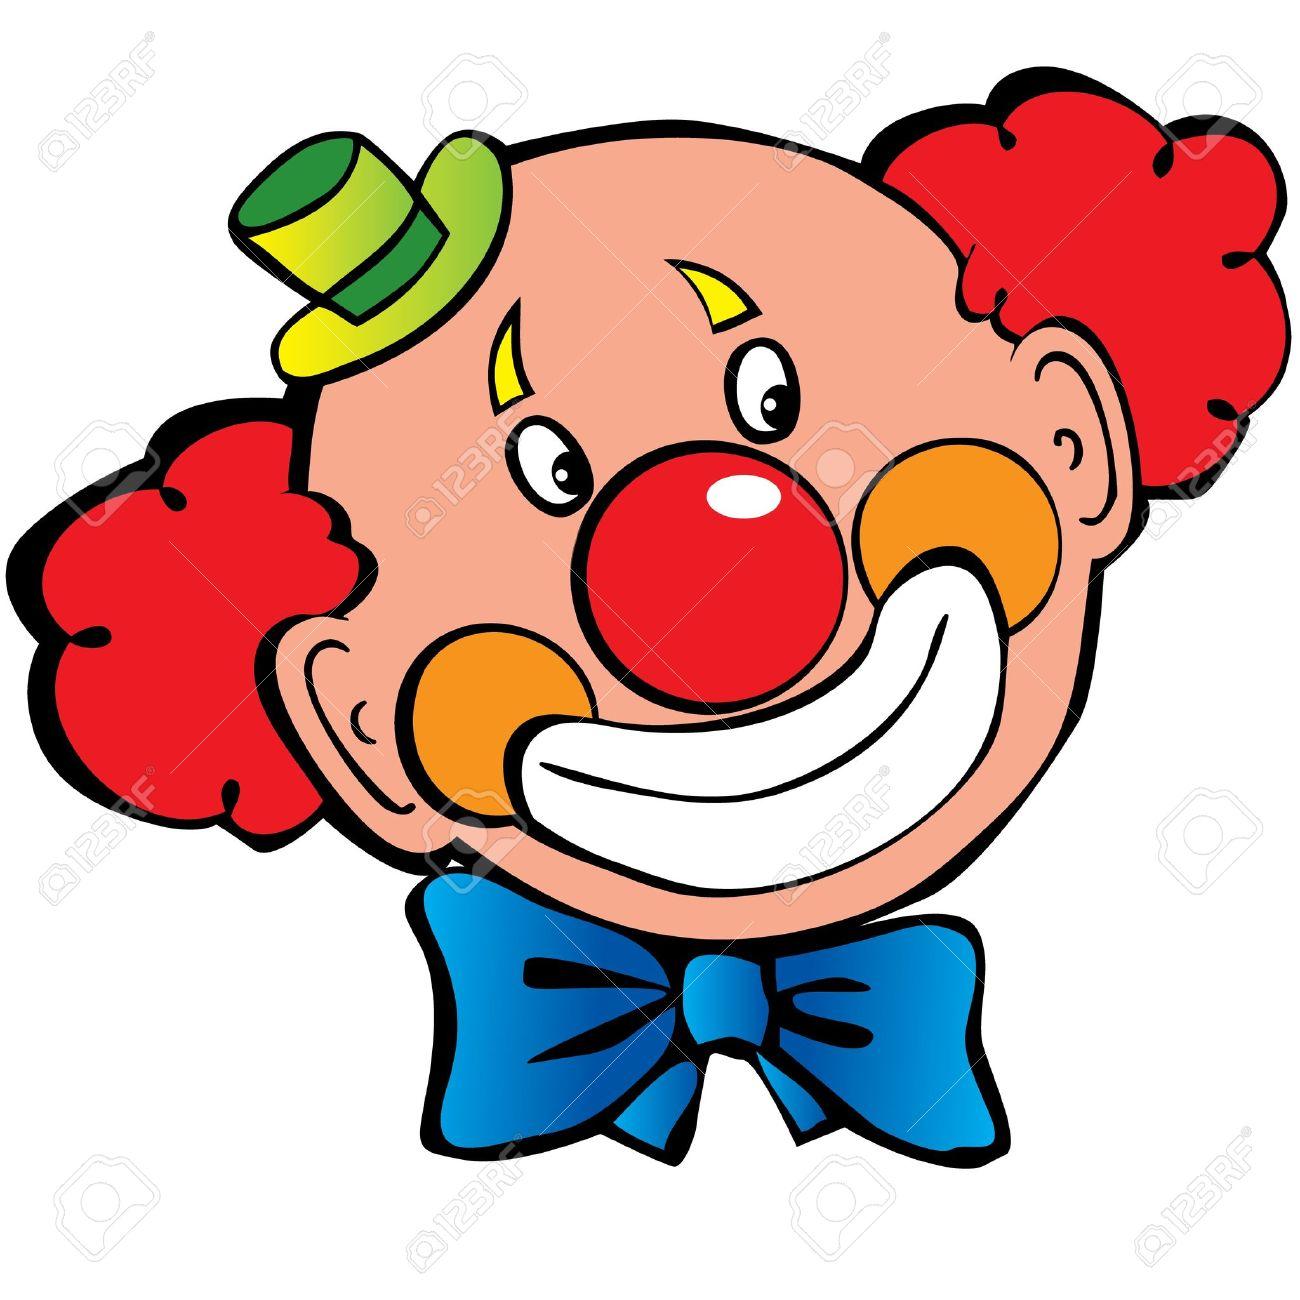 clown face: Happy clown .